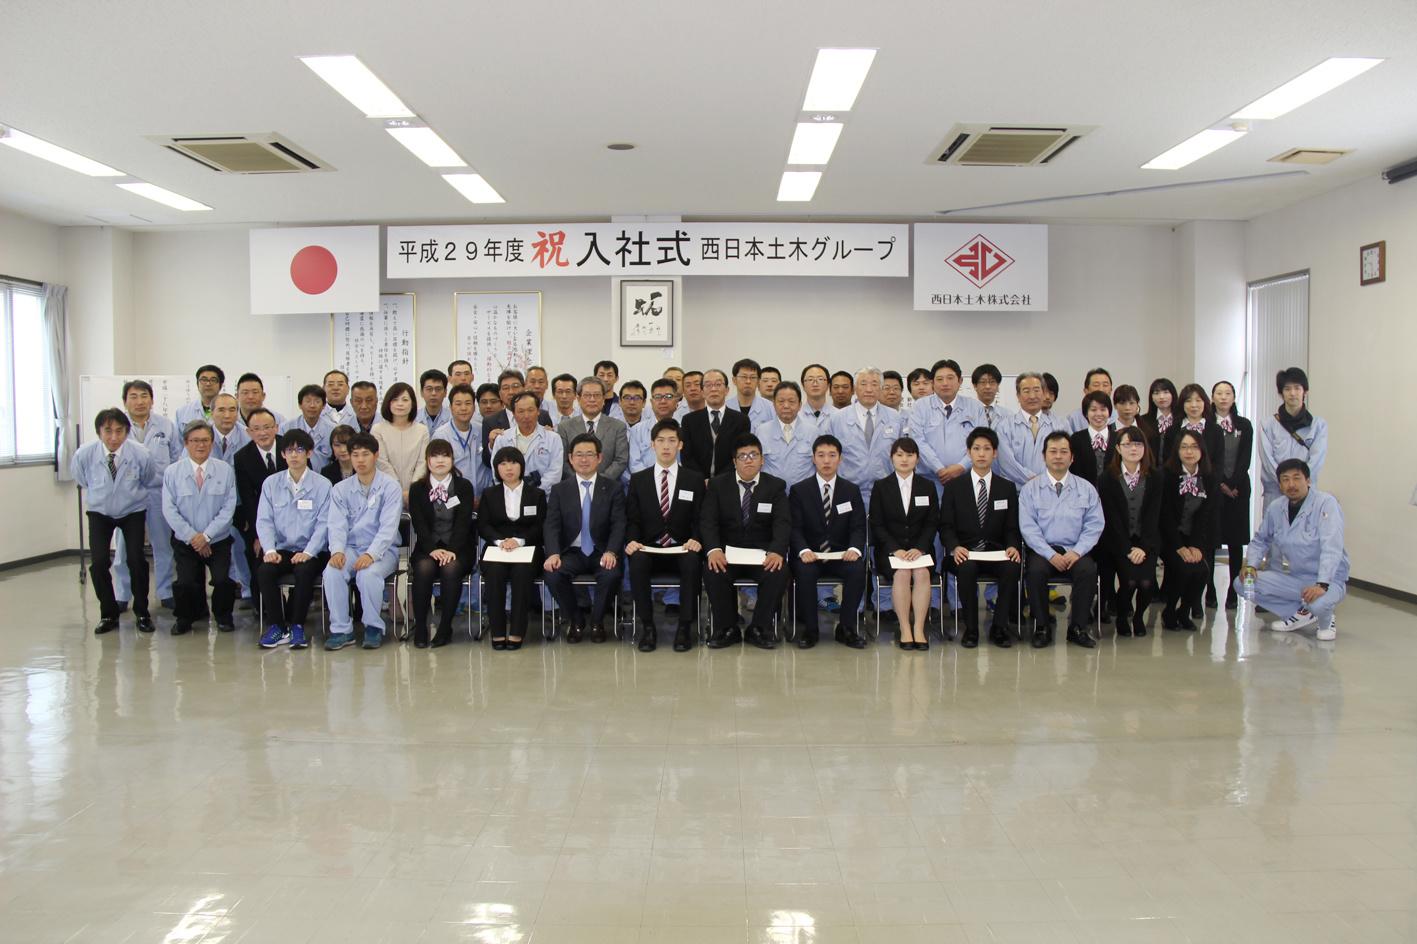 西日本土木(株) メンター制度で新人教育 溝部 正雄(みぞべ まさお)さん